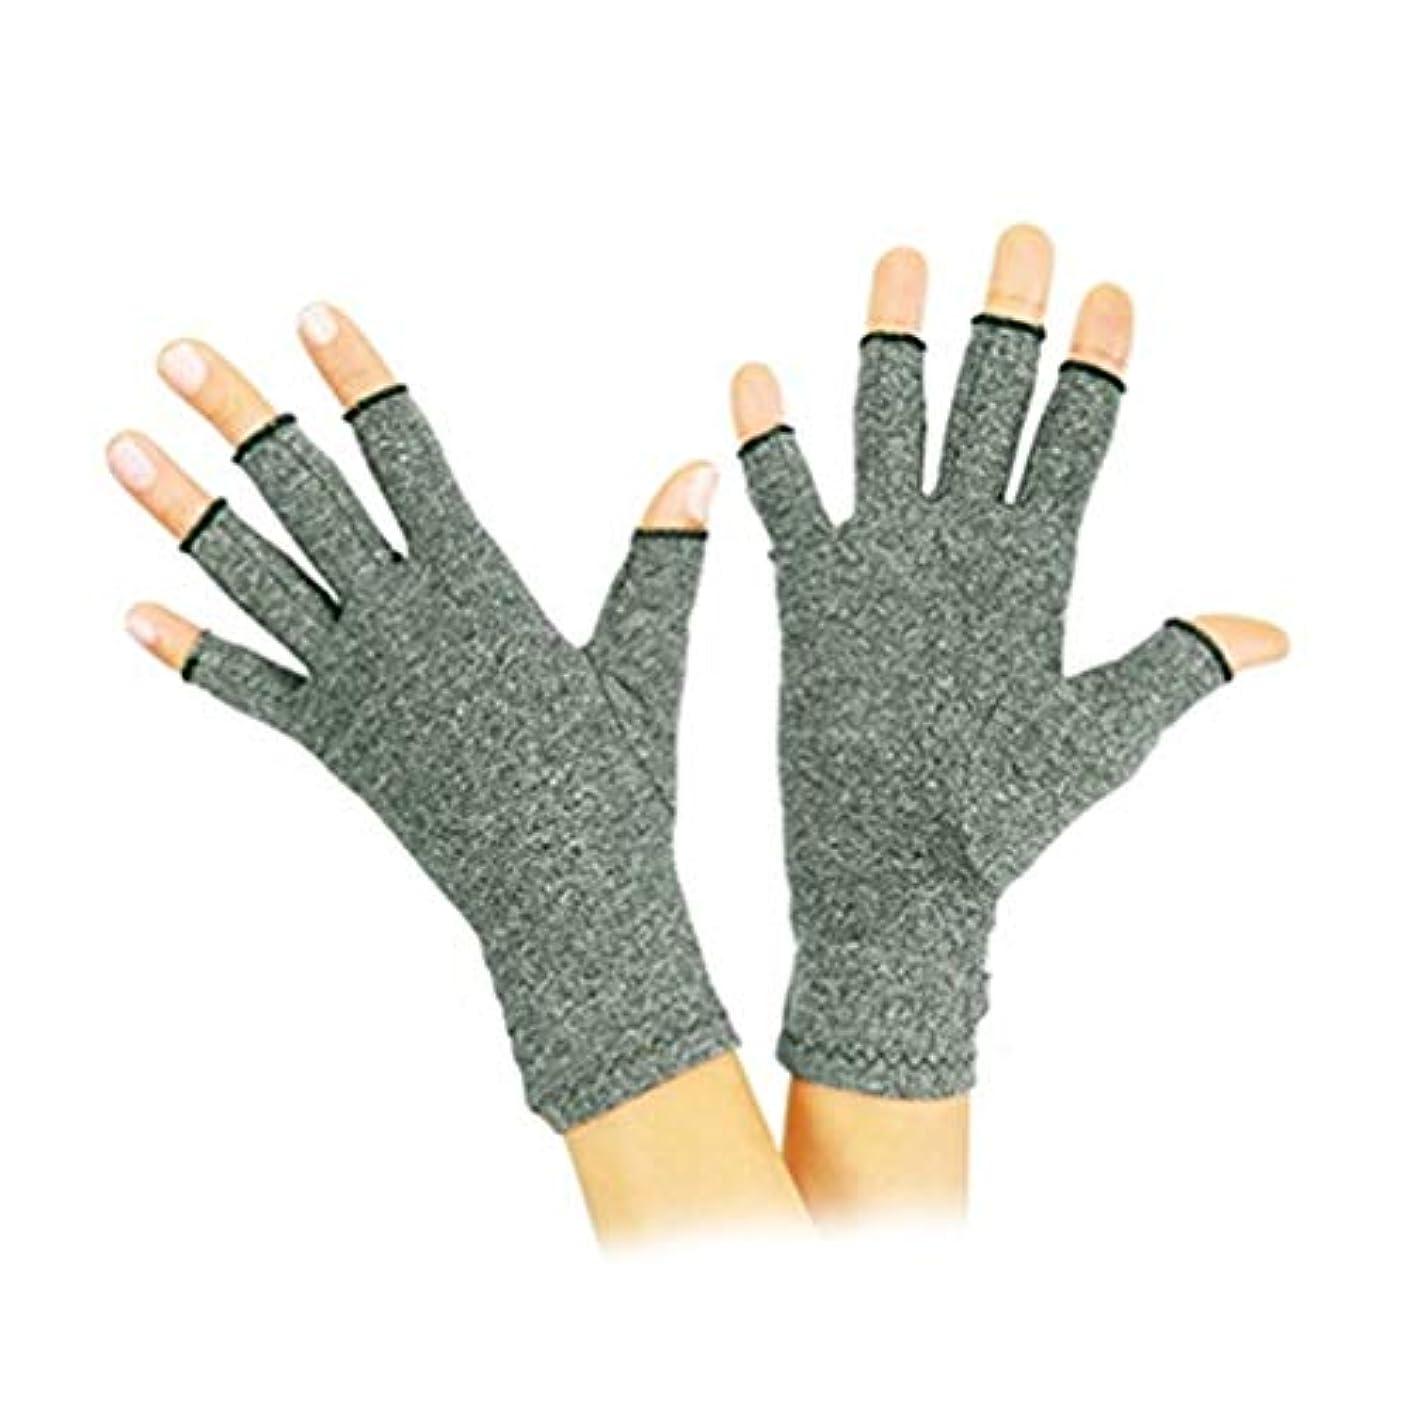 ドライババスタブ怠な関節リウマチリウマチ性変形性関節症用手袋圧縮手袋コンピュータ入力用痛み緩和